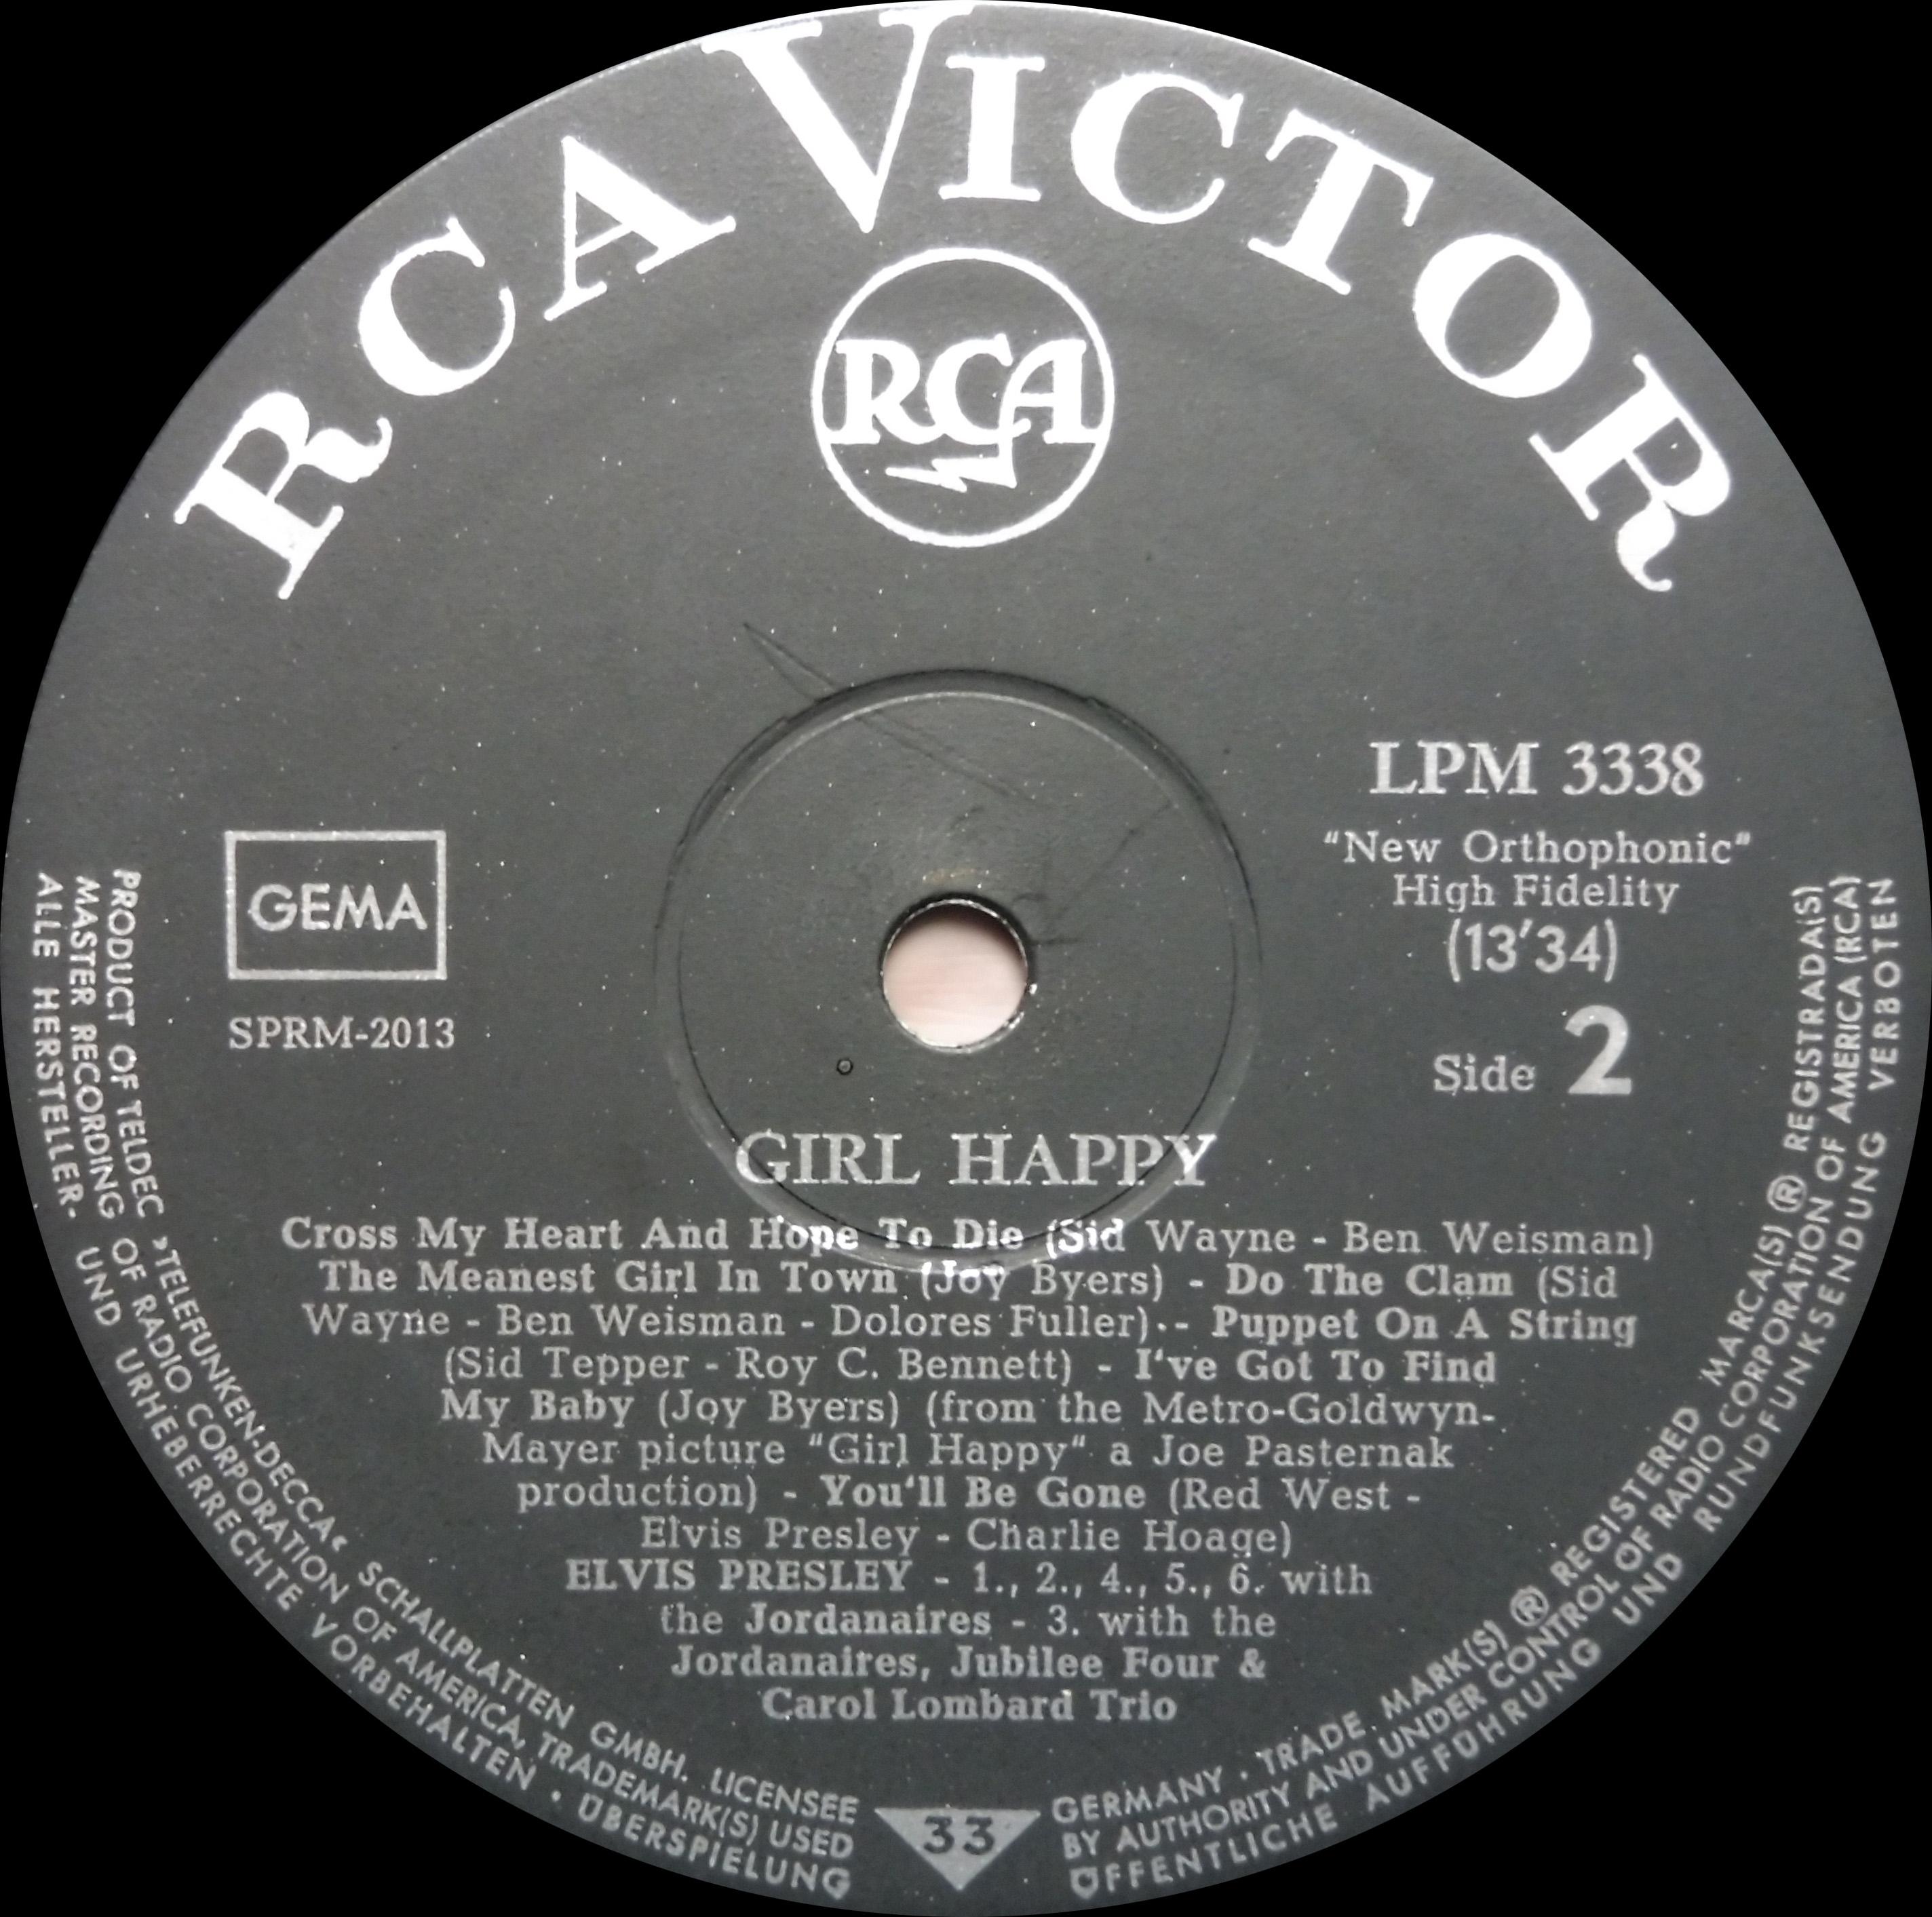 GIRL HAPPY Girlhappy65lpmside2ulfi8